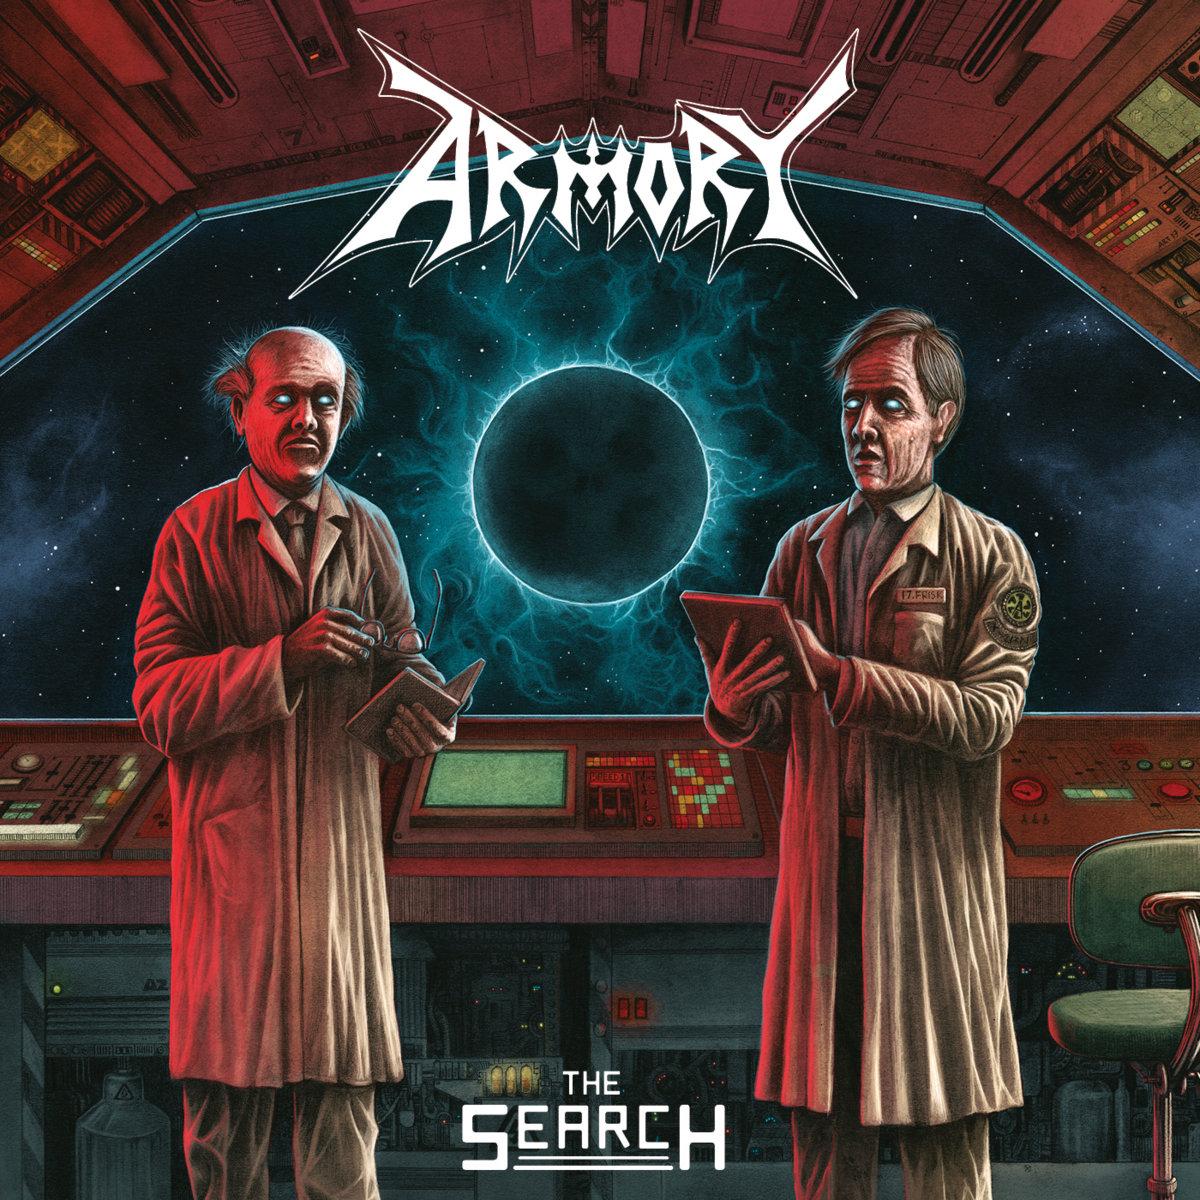 Resultado de imagem para Armory - The Search